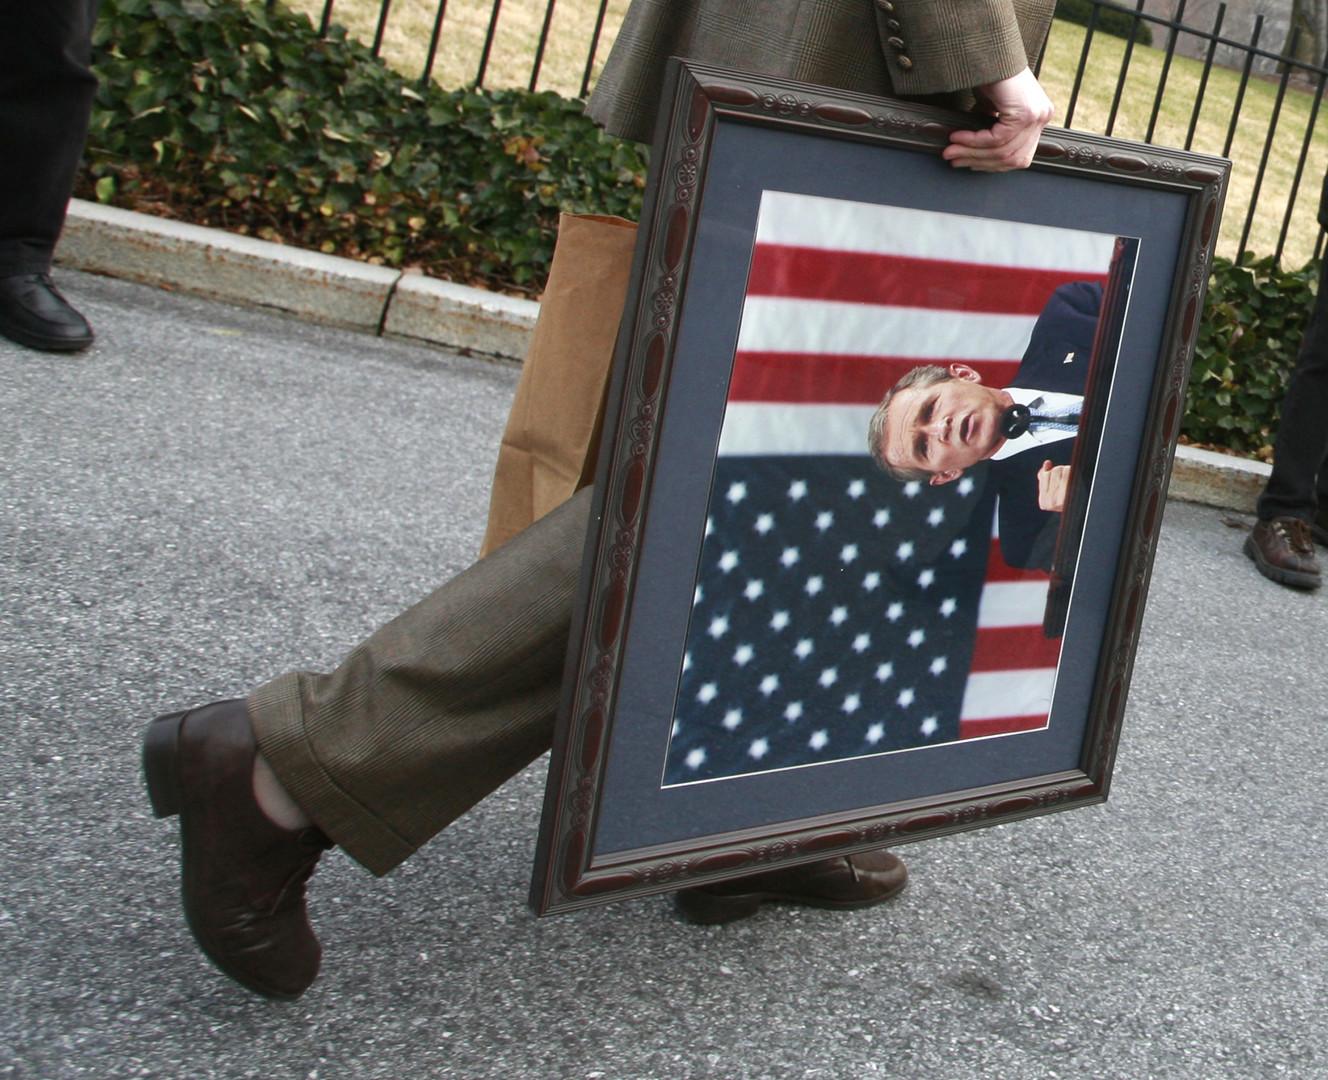 Obama kommt, Bush geht: Das außenpolitische Team und das Militär blieben allerdings in ihren Amtsstuben und bestimmten - bis auf weiteres - auch die Außenpolitik mit.